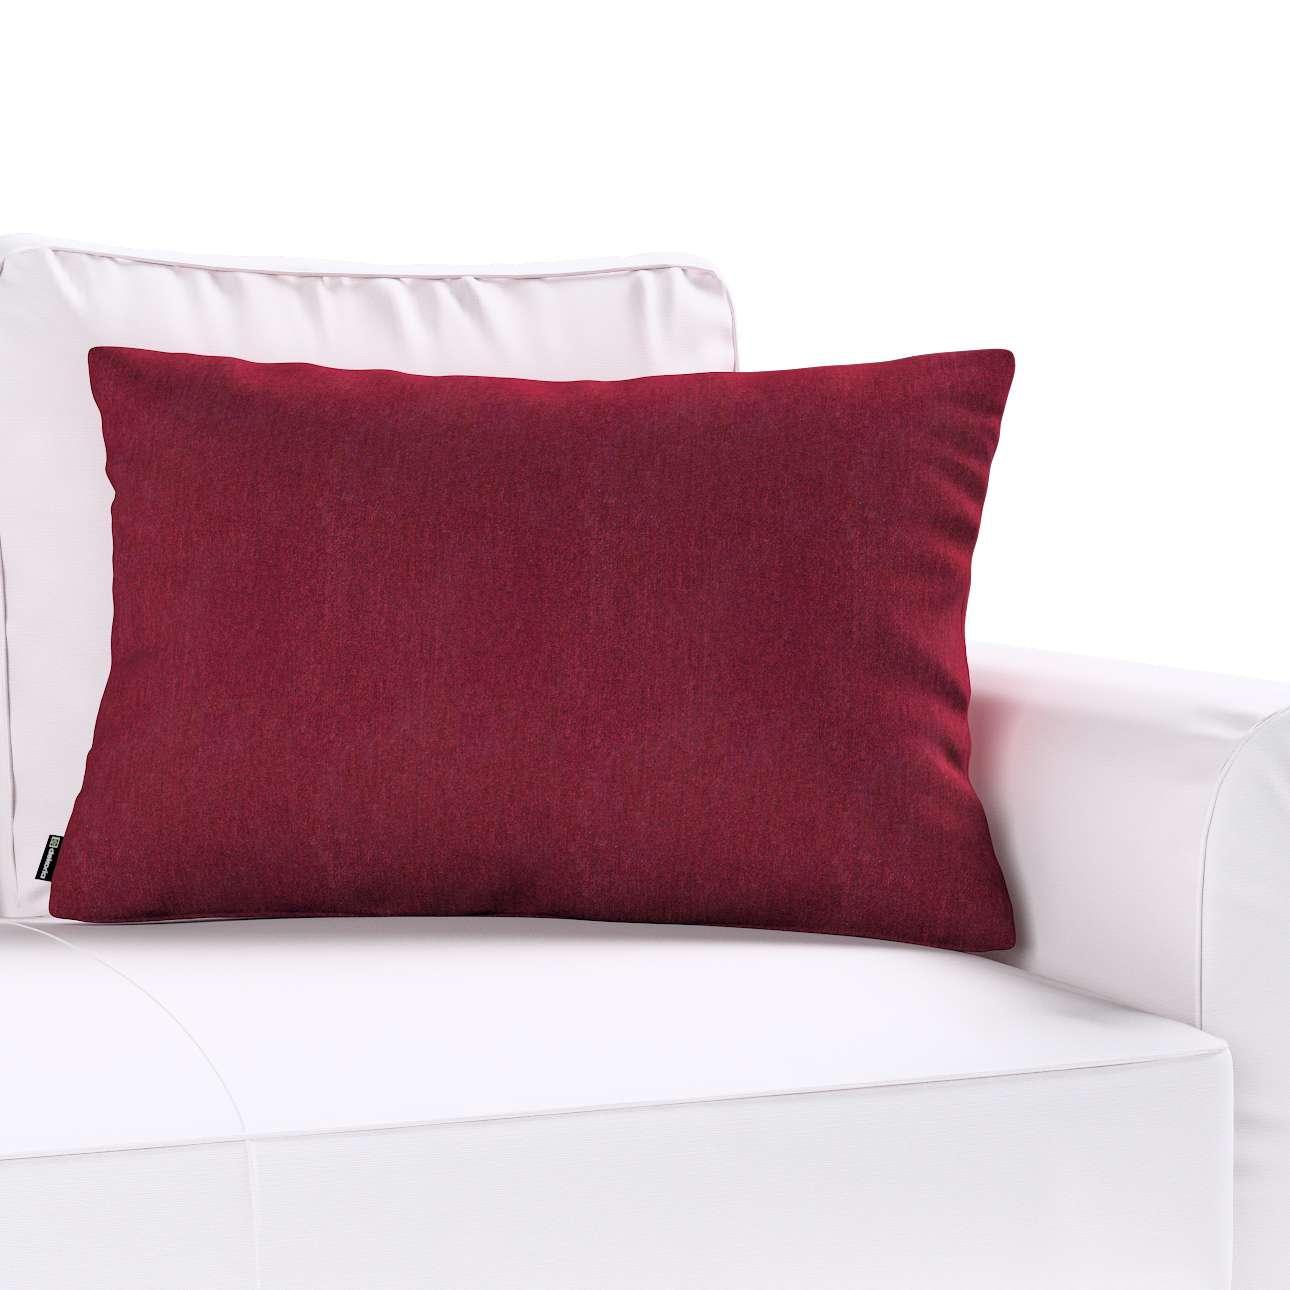 Poszewka Kinga na poduszkę prostokątną 60 x 40 cm w kolekcji Chenille, tkanina: 702-19